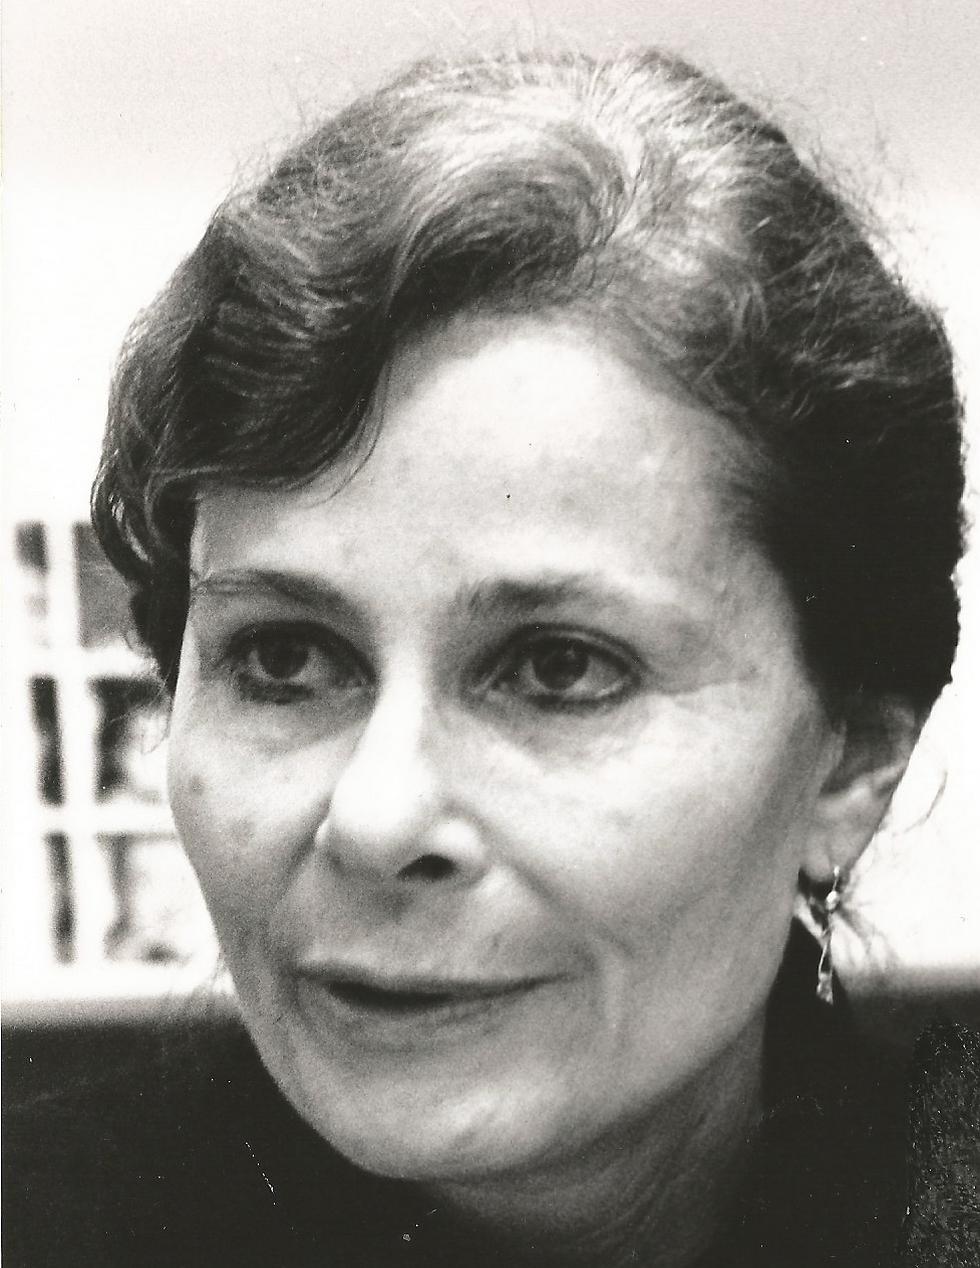 דורית אורגד (אלכסה גלברג) (אלכסה גלברג)